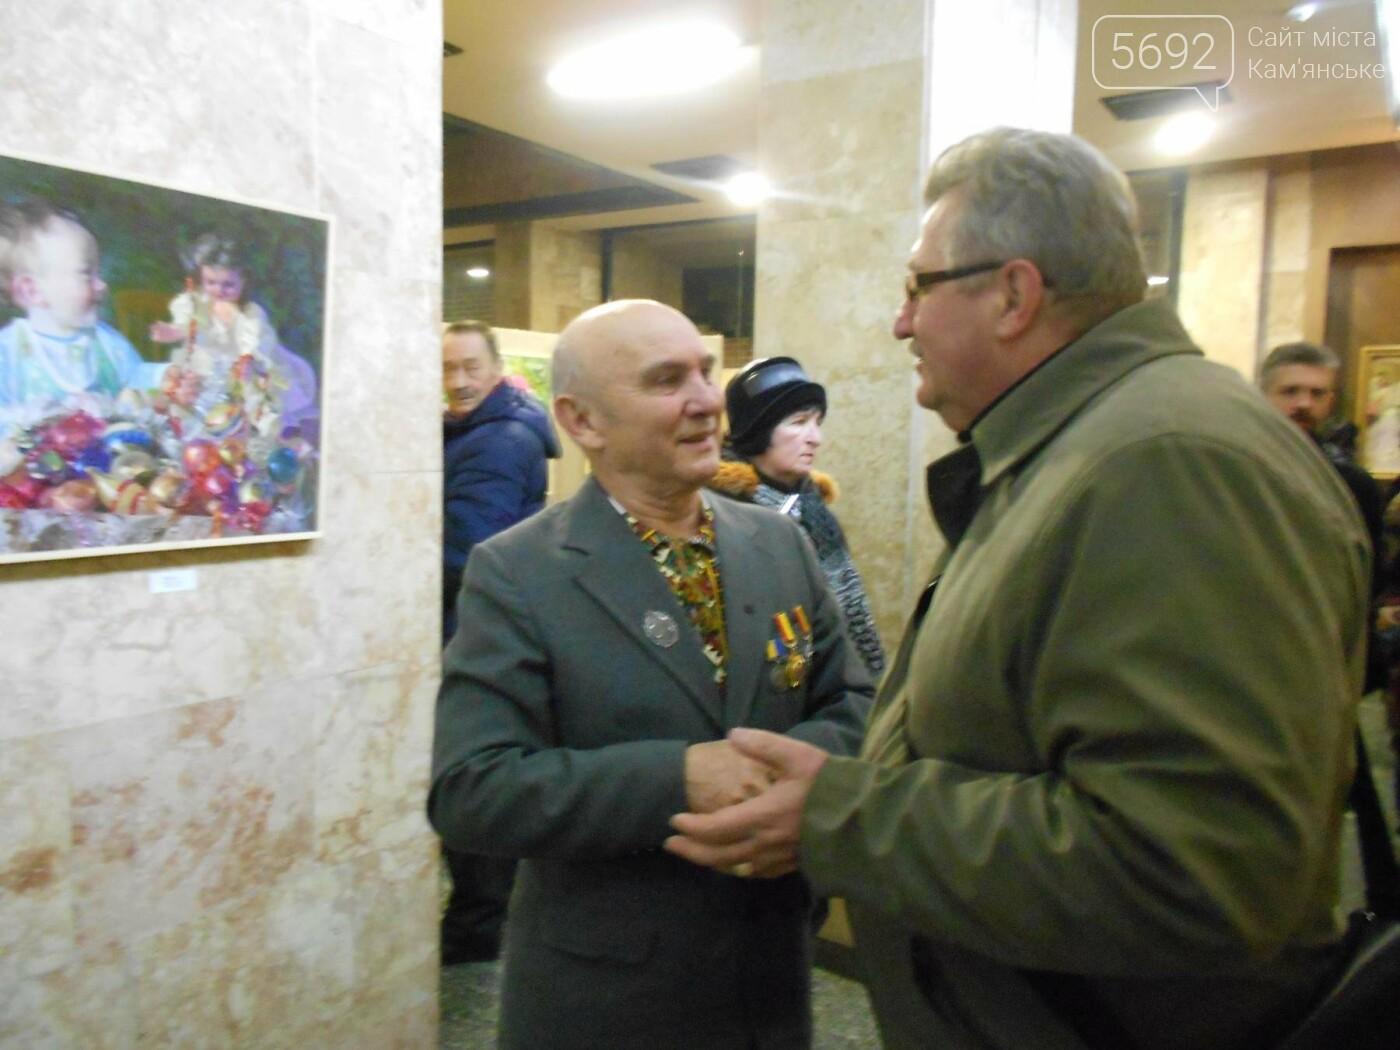 В Каменском открылась юбилейная выставка известного художника Анатолия Жежера, фото-19